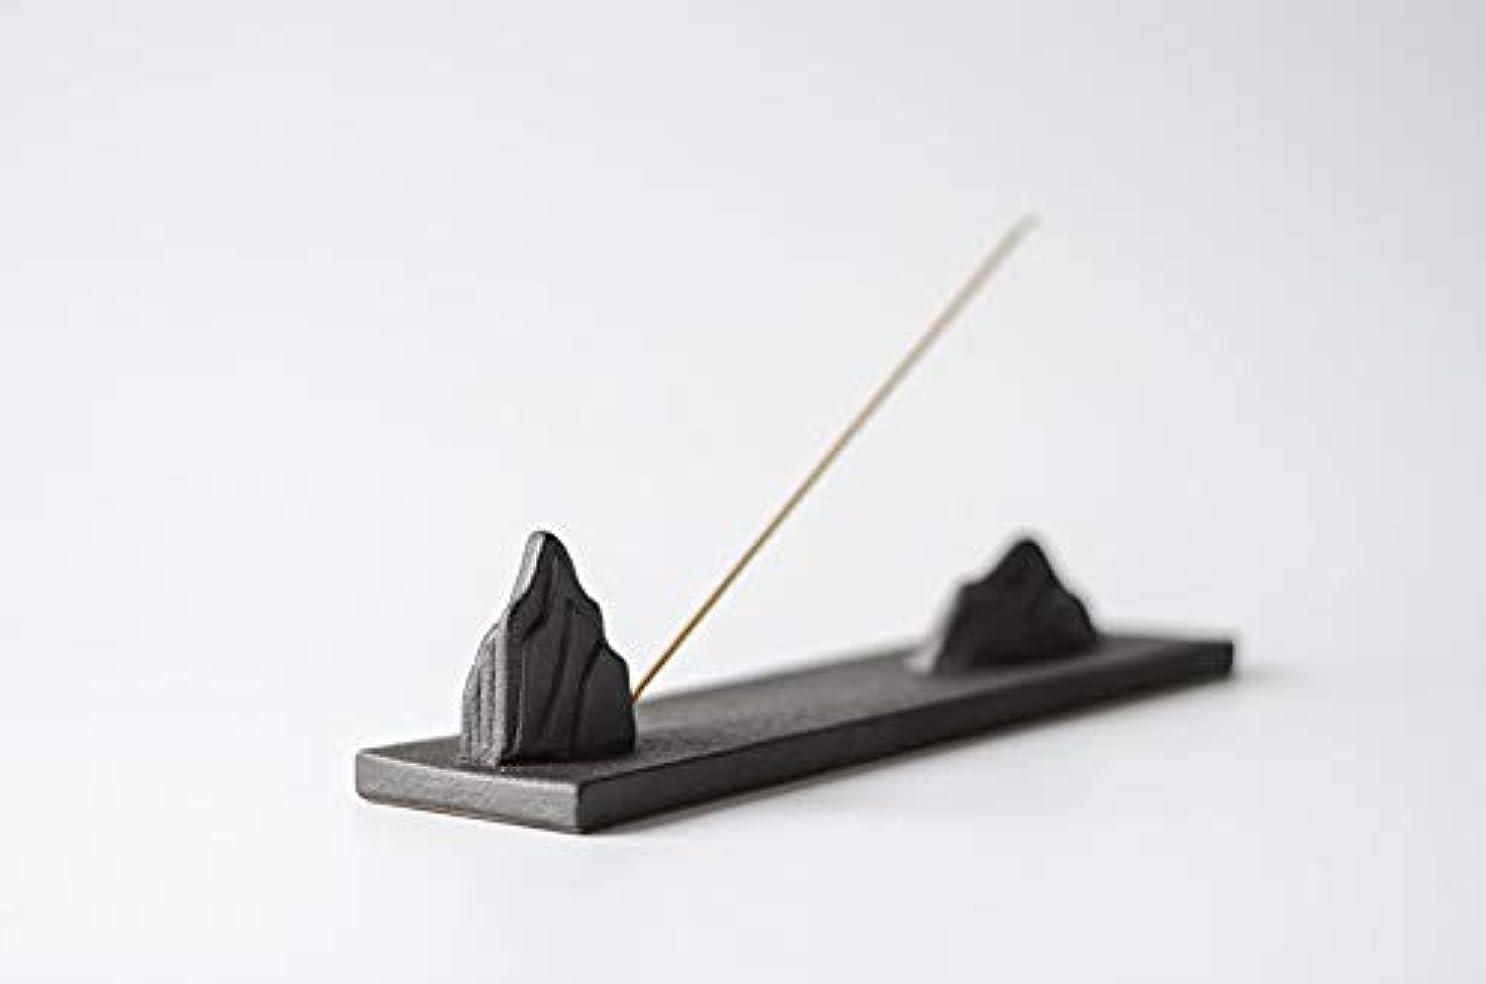 最後にコショウ自分の力ですべてをするPHILOGOD 陶器香炉 ミニマリスト山水スタイリング線香立て 仏壇用香置物 香皿